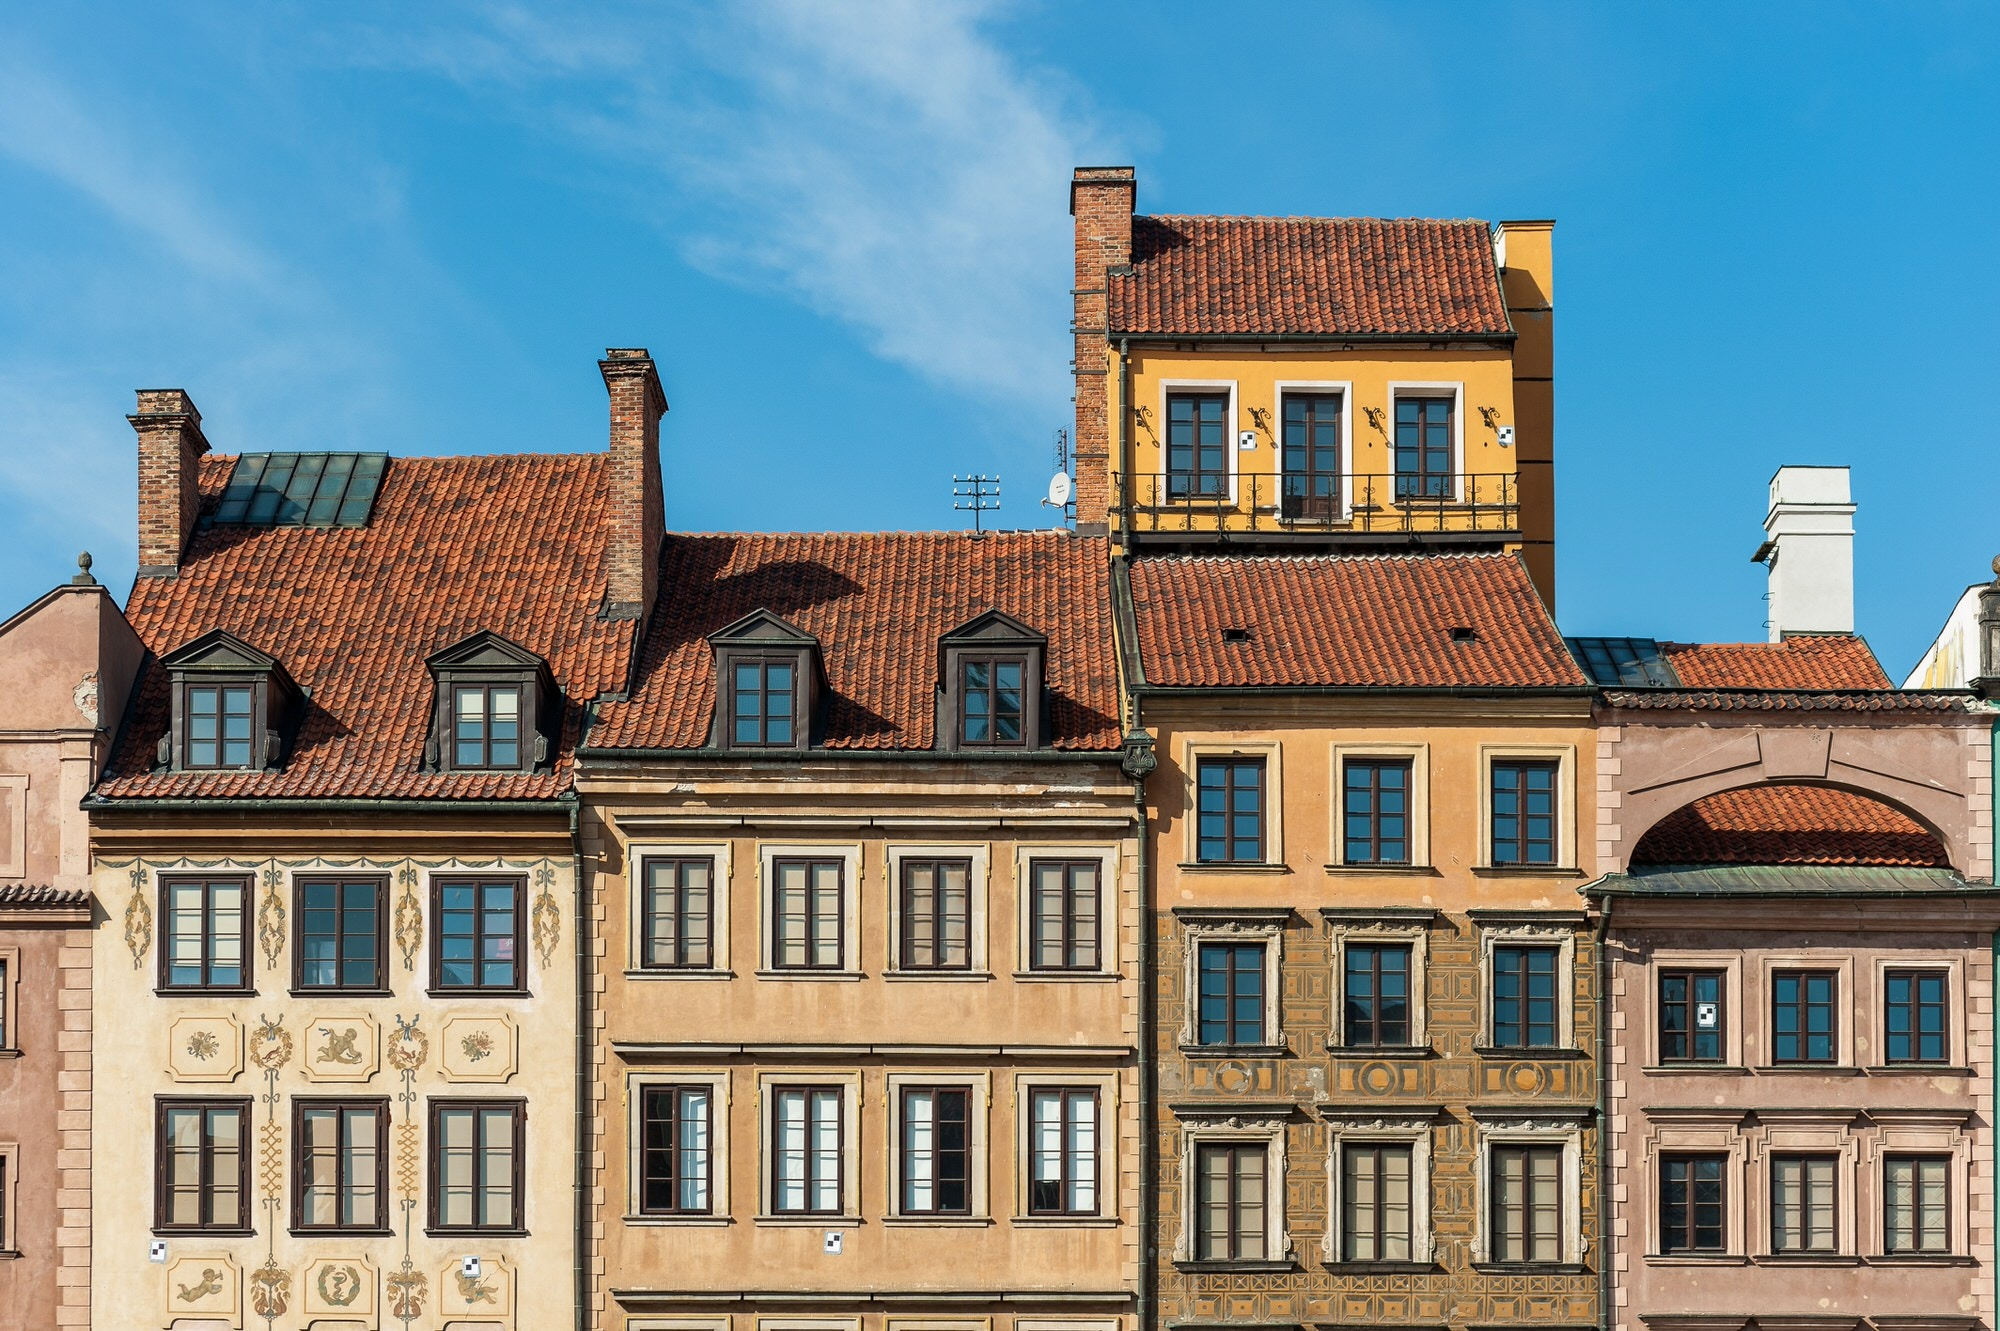 Warsaw facades © Celal Erdogu / 500px